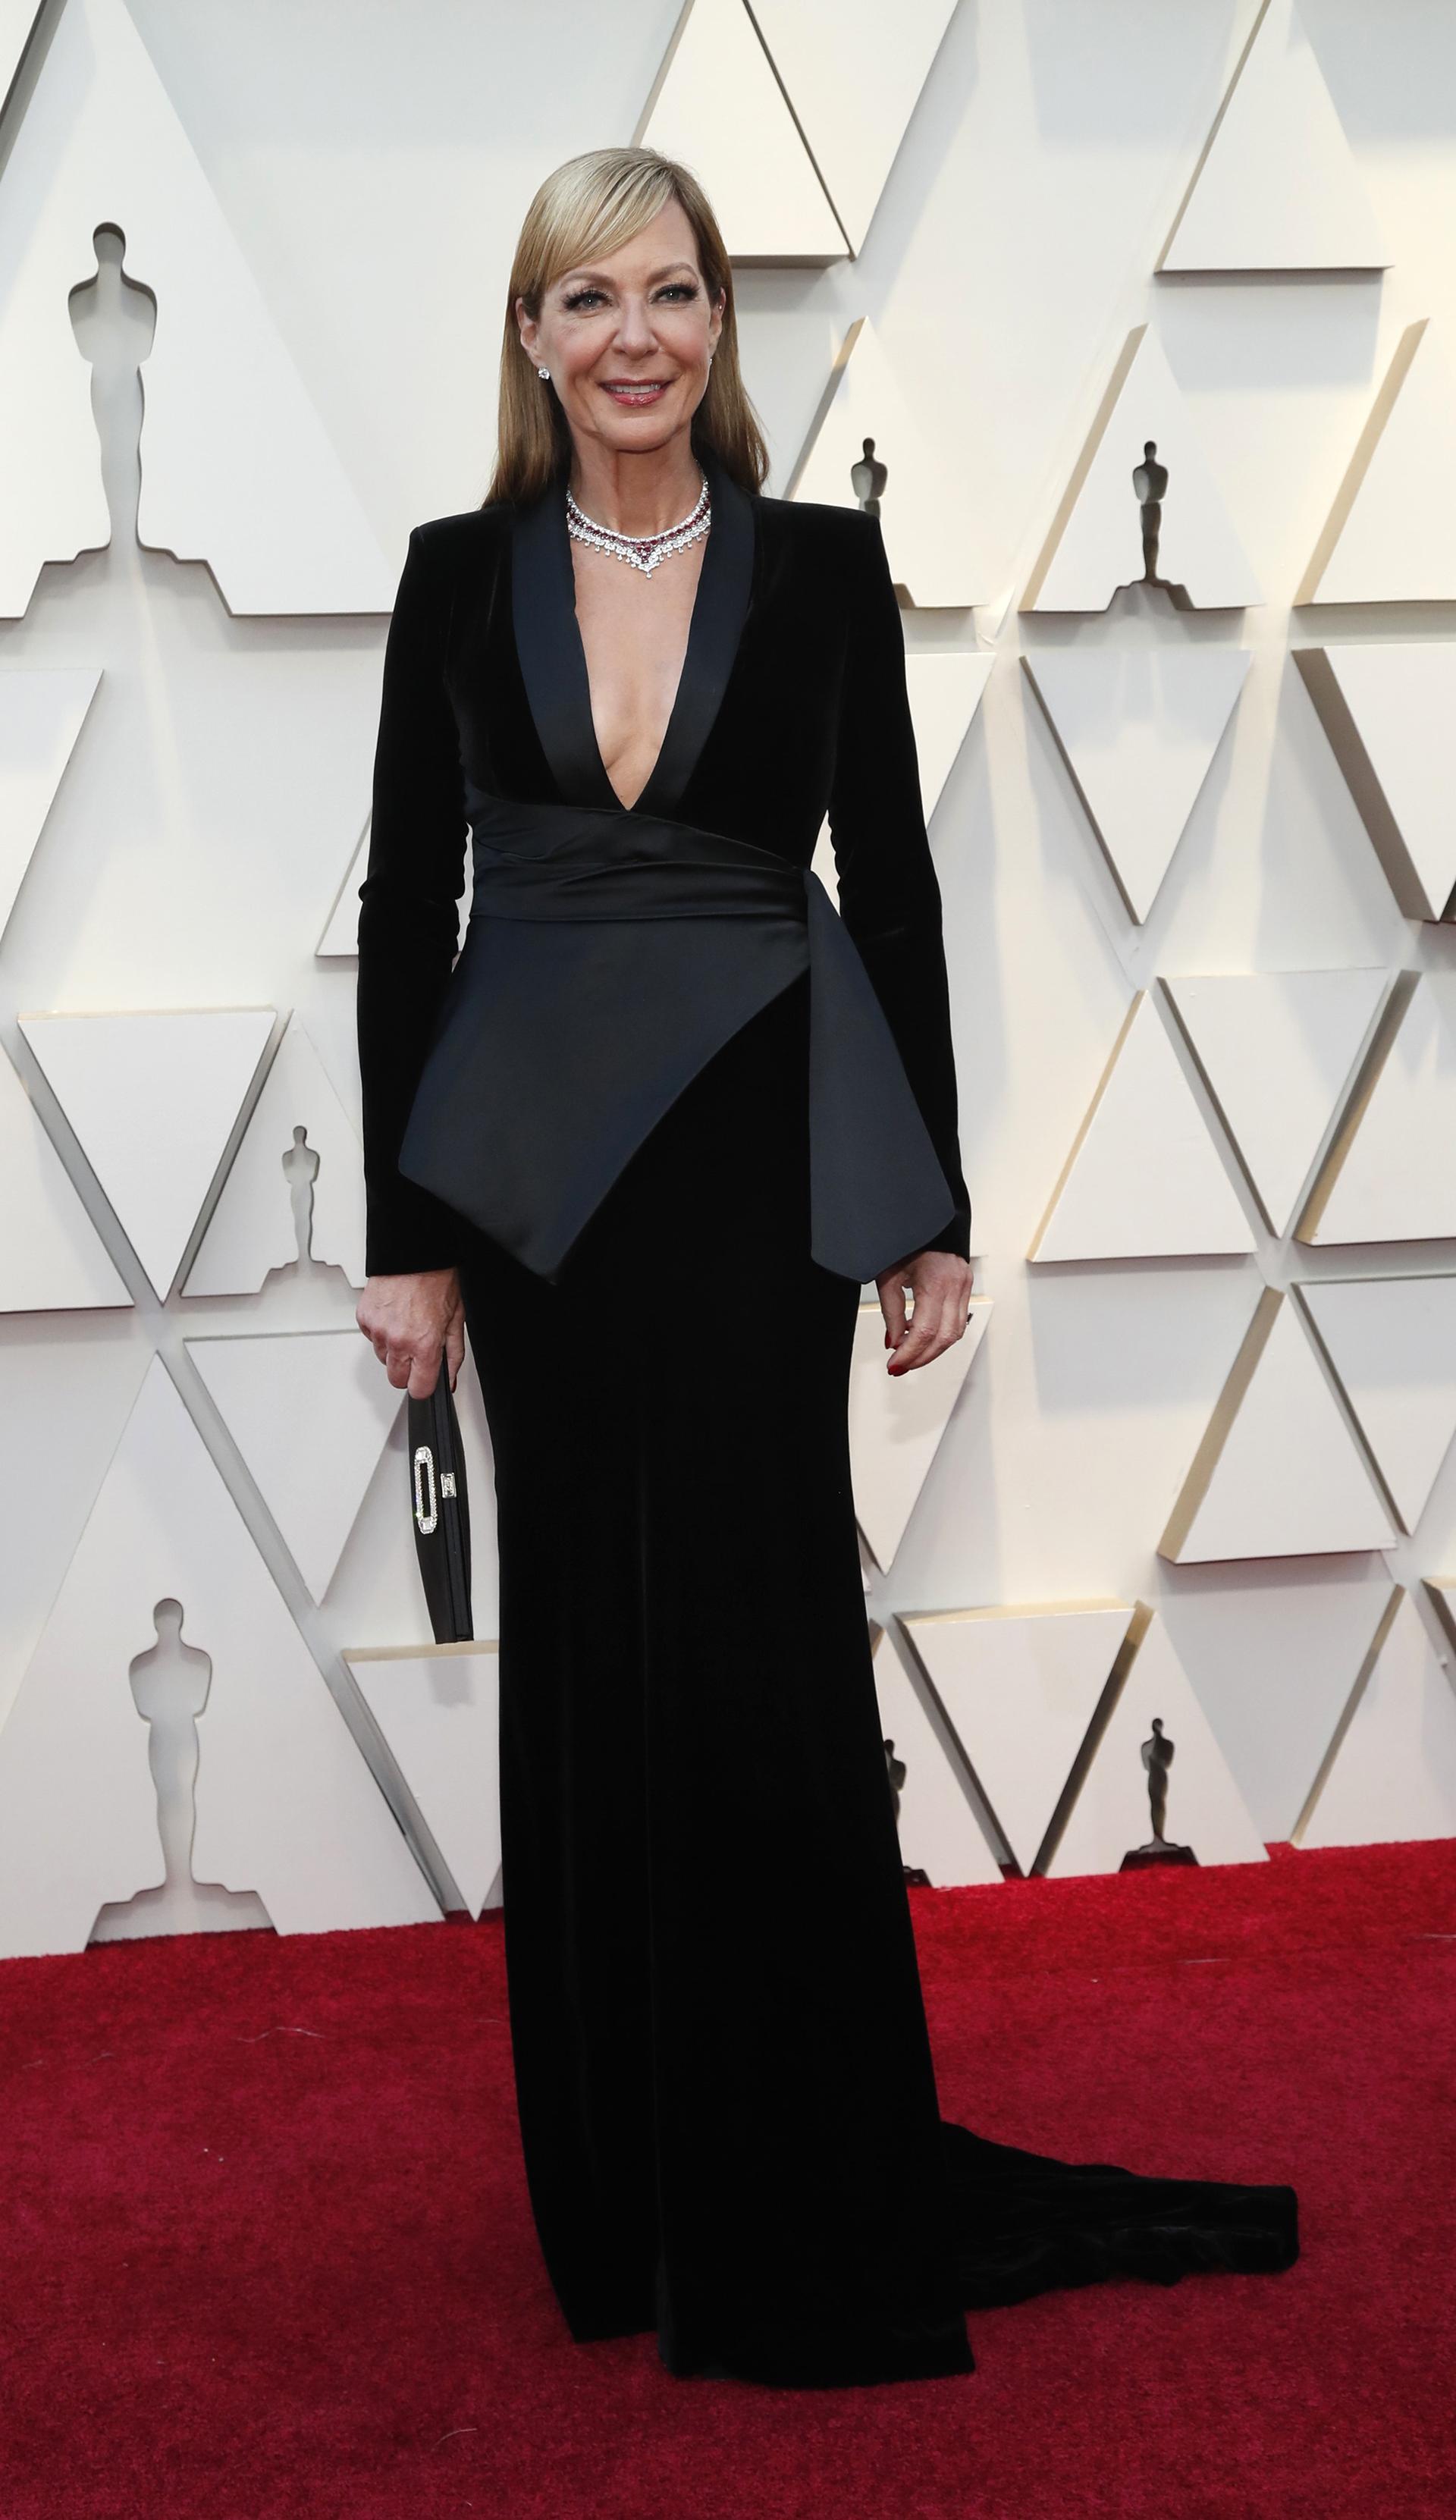 """Allison Janneycon un vestido negro con escote profundo. """"Me parece elegante"""", aseveró Profumo. """"Me gusta el escote en ella que no tiene mucho busto y da como un traje con falda. Linda falda y buen corte"""""""